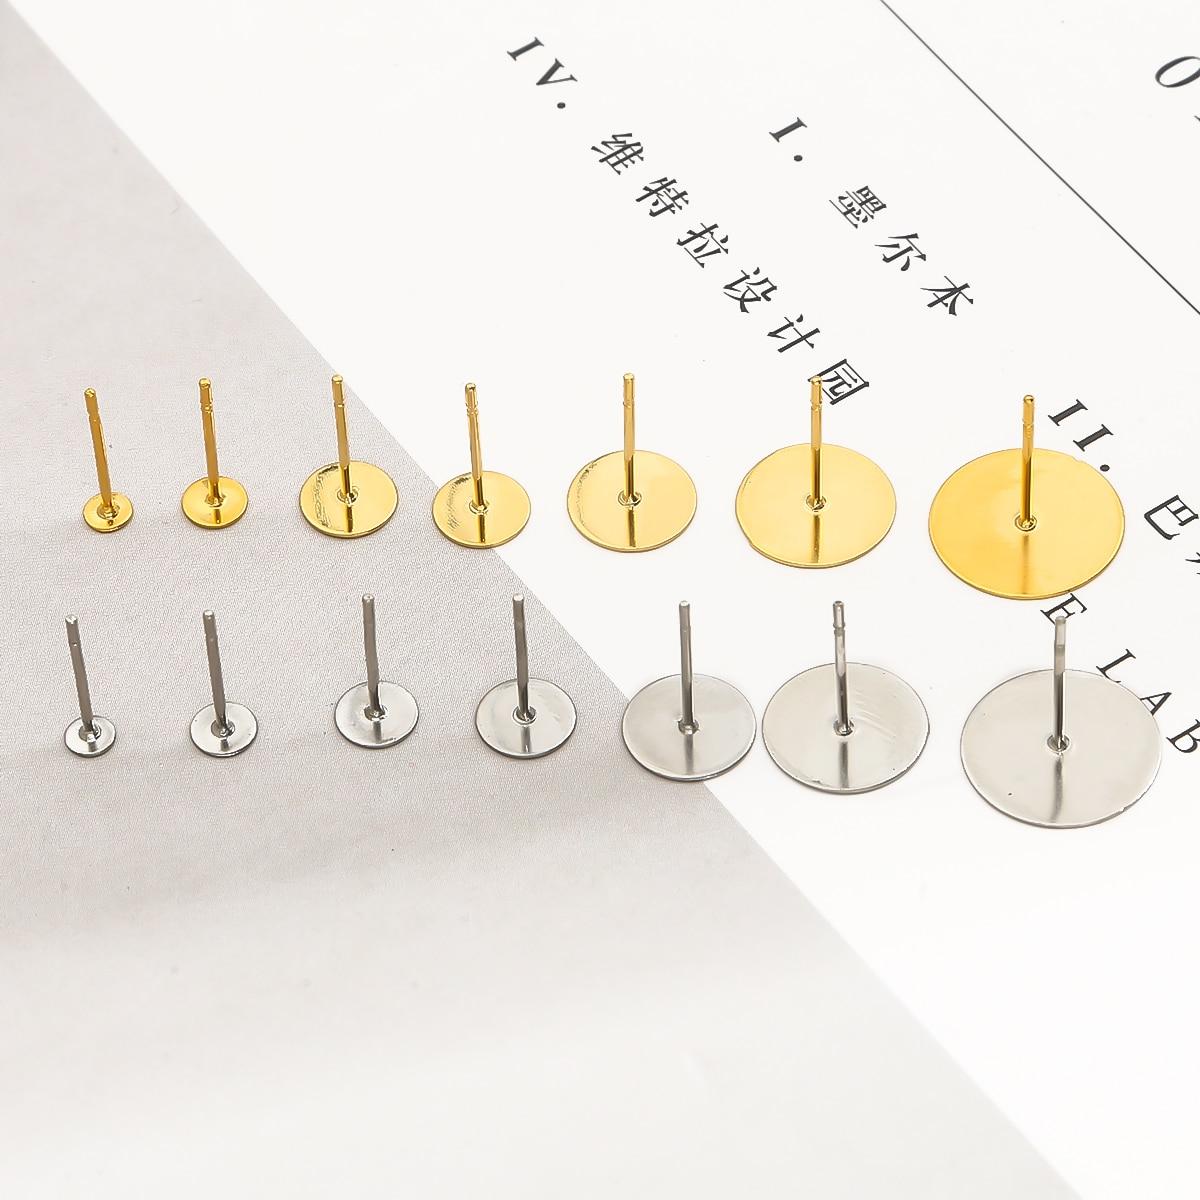 100 Uds Acero inoxidable blanco pendiente Base ajuste 3 4 5 6 8 12mm Cabochon ajustes del camafeo la fabricación de la joyería DIY Accesorios